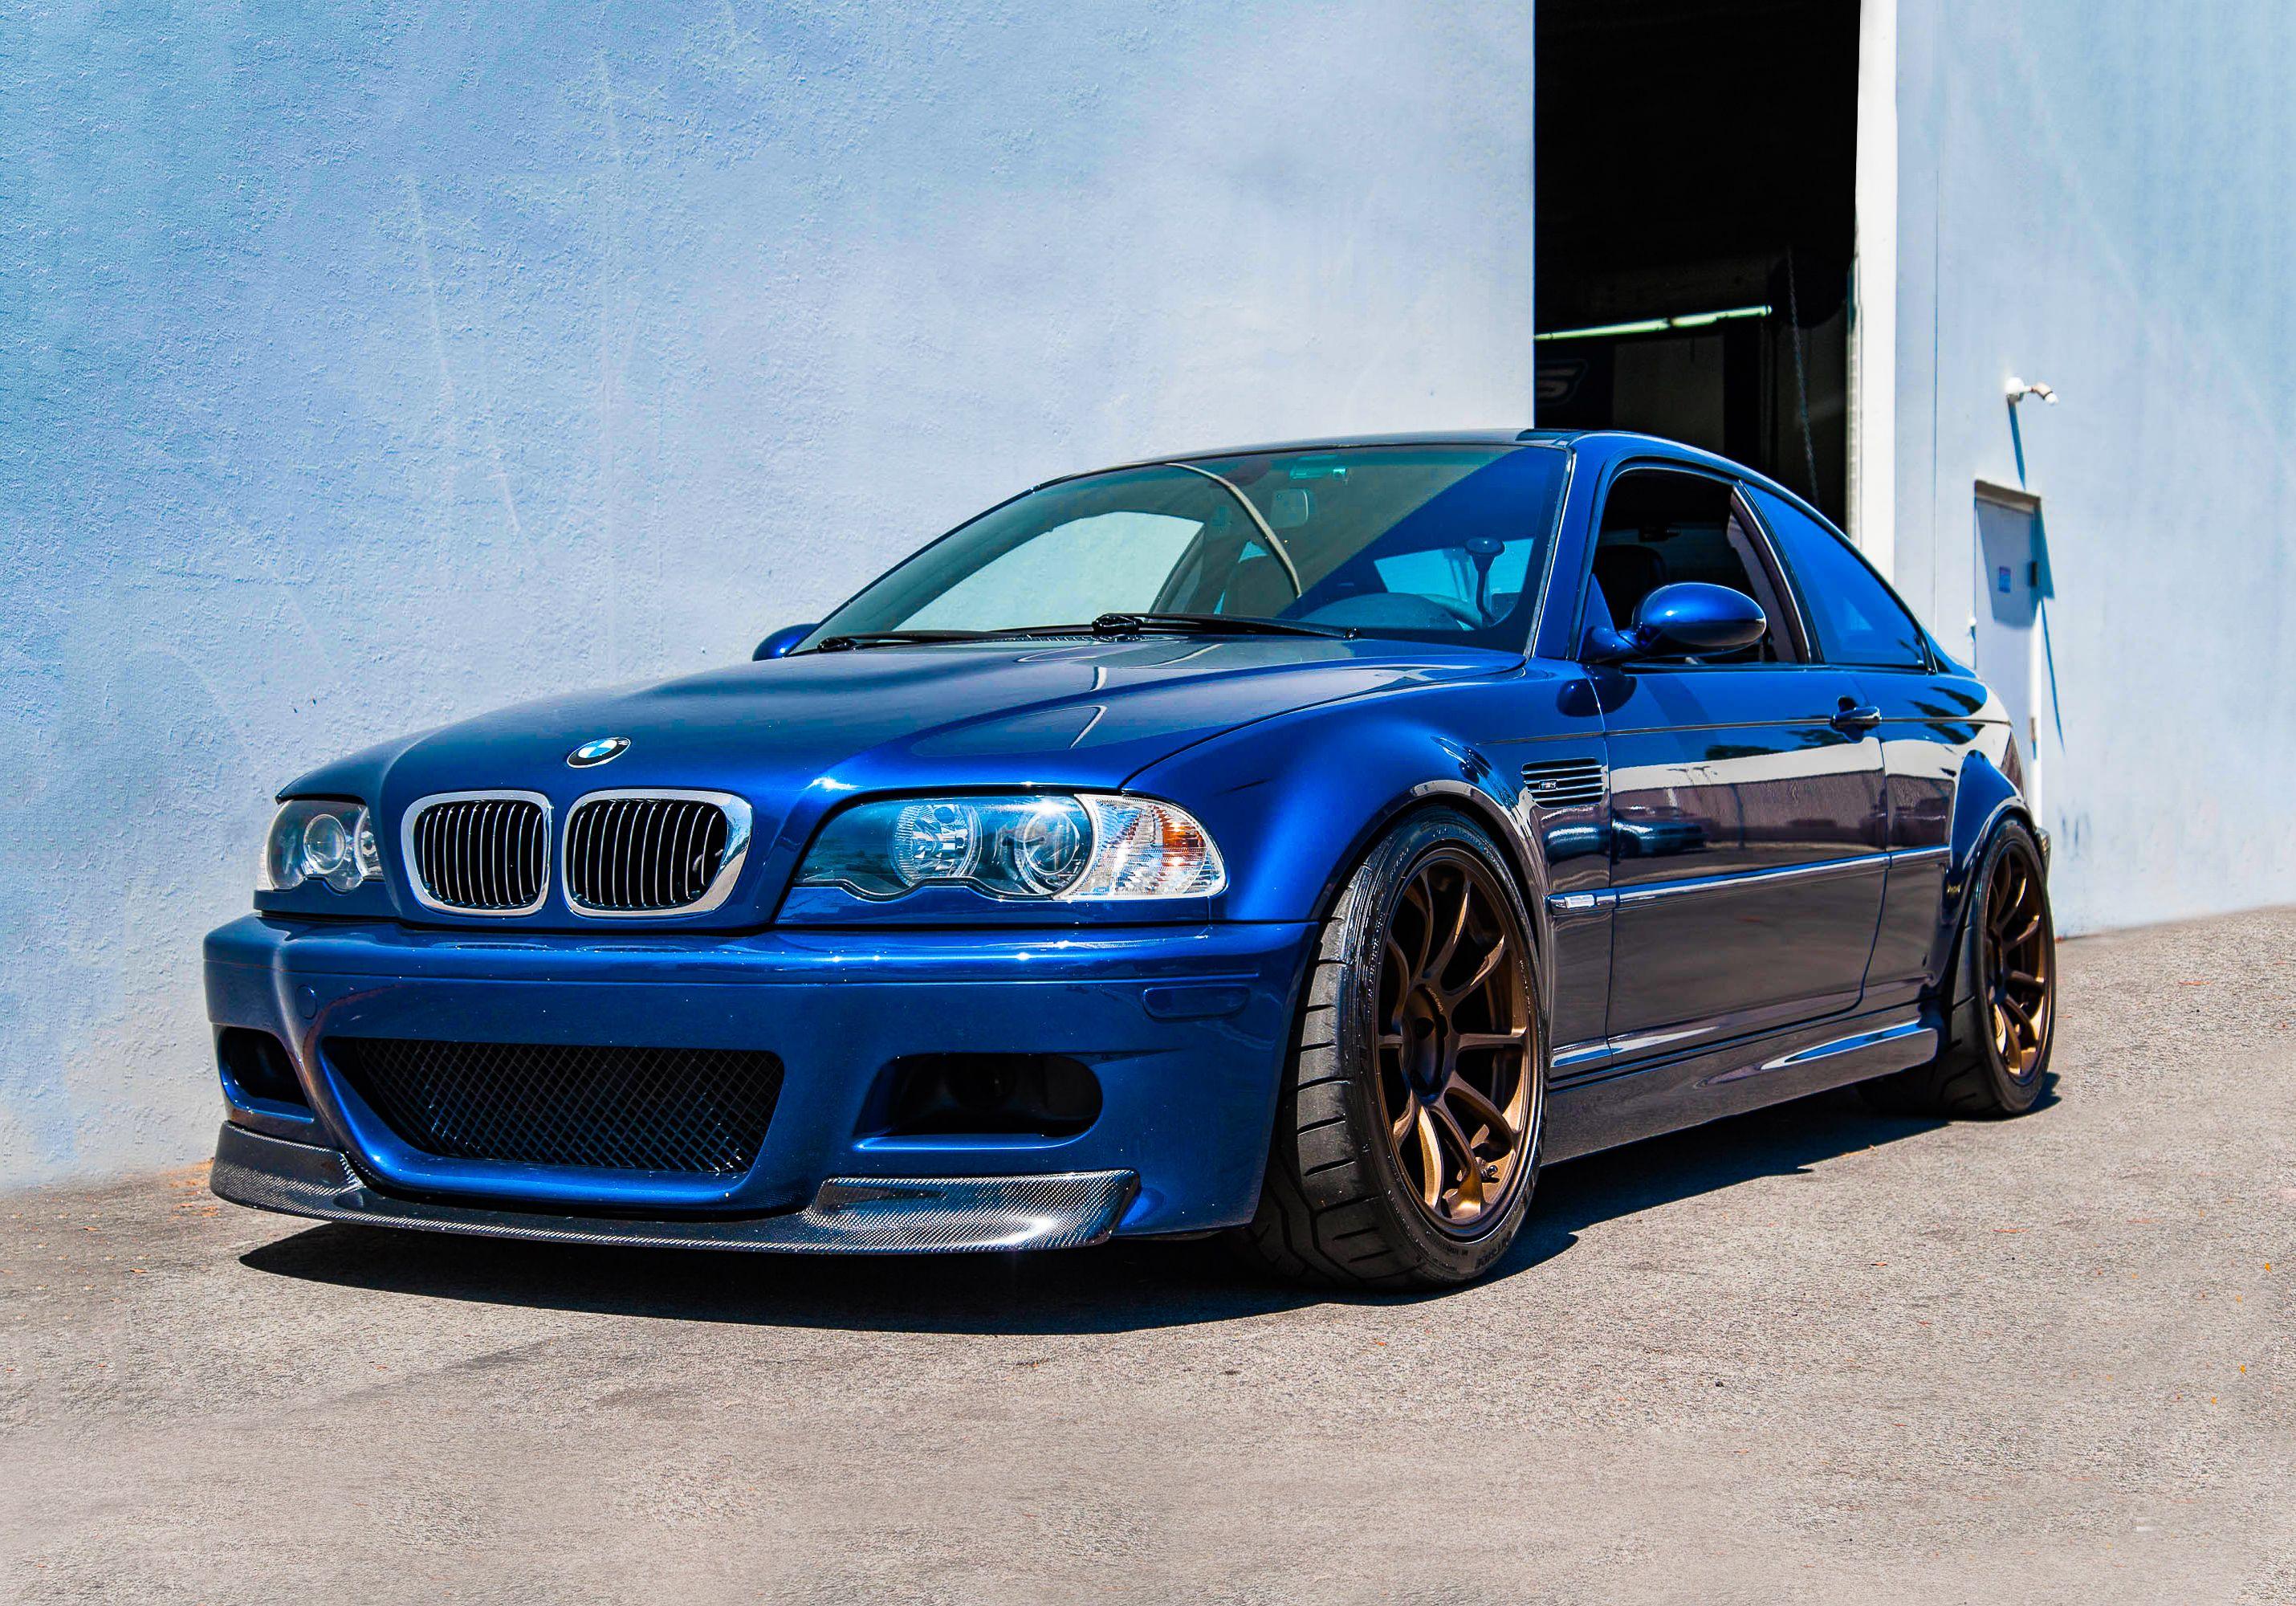 Clean Bmw E46 M3 Mpower Blue Car Racecar Racing Turbo